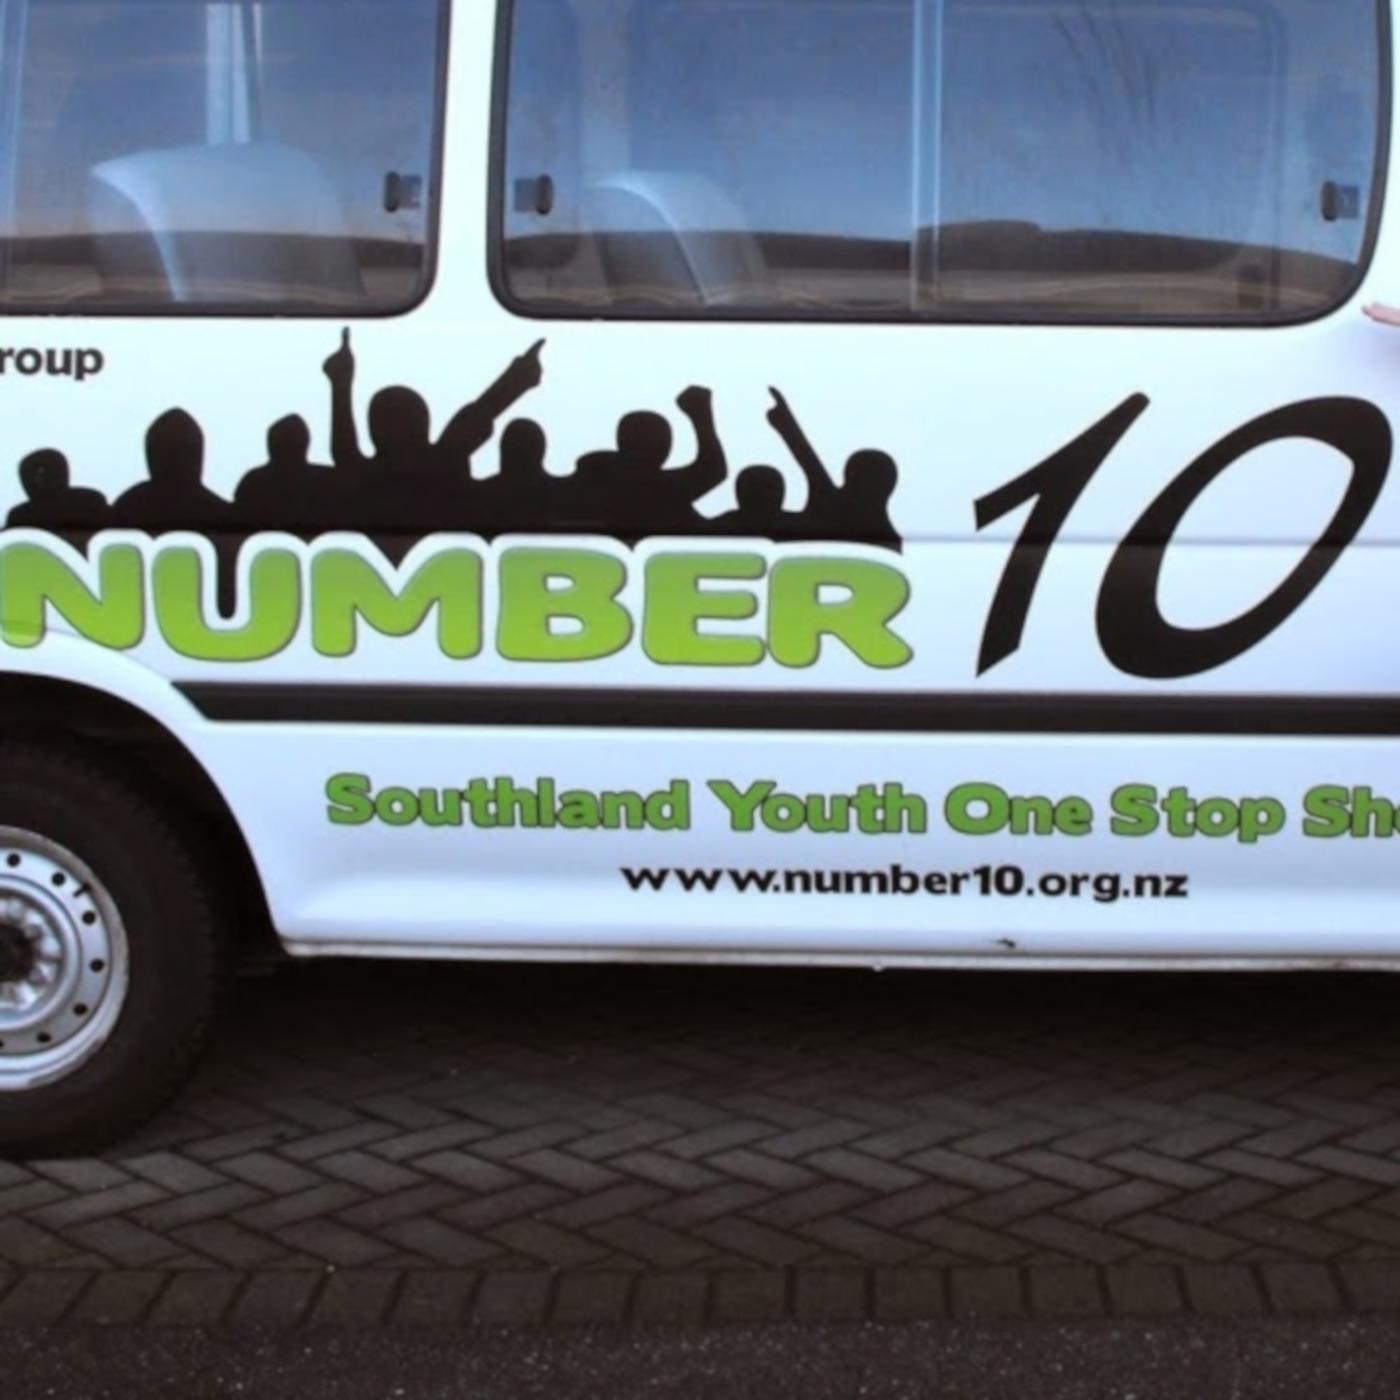 Number 10 - Number 10 Staff